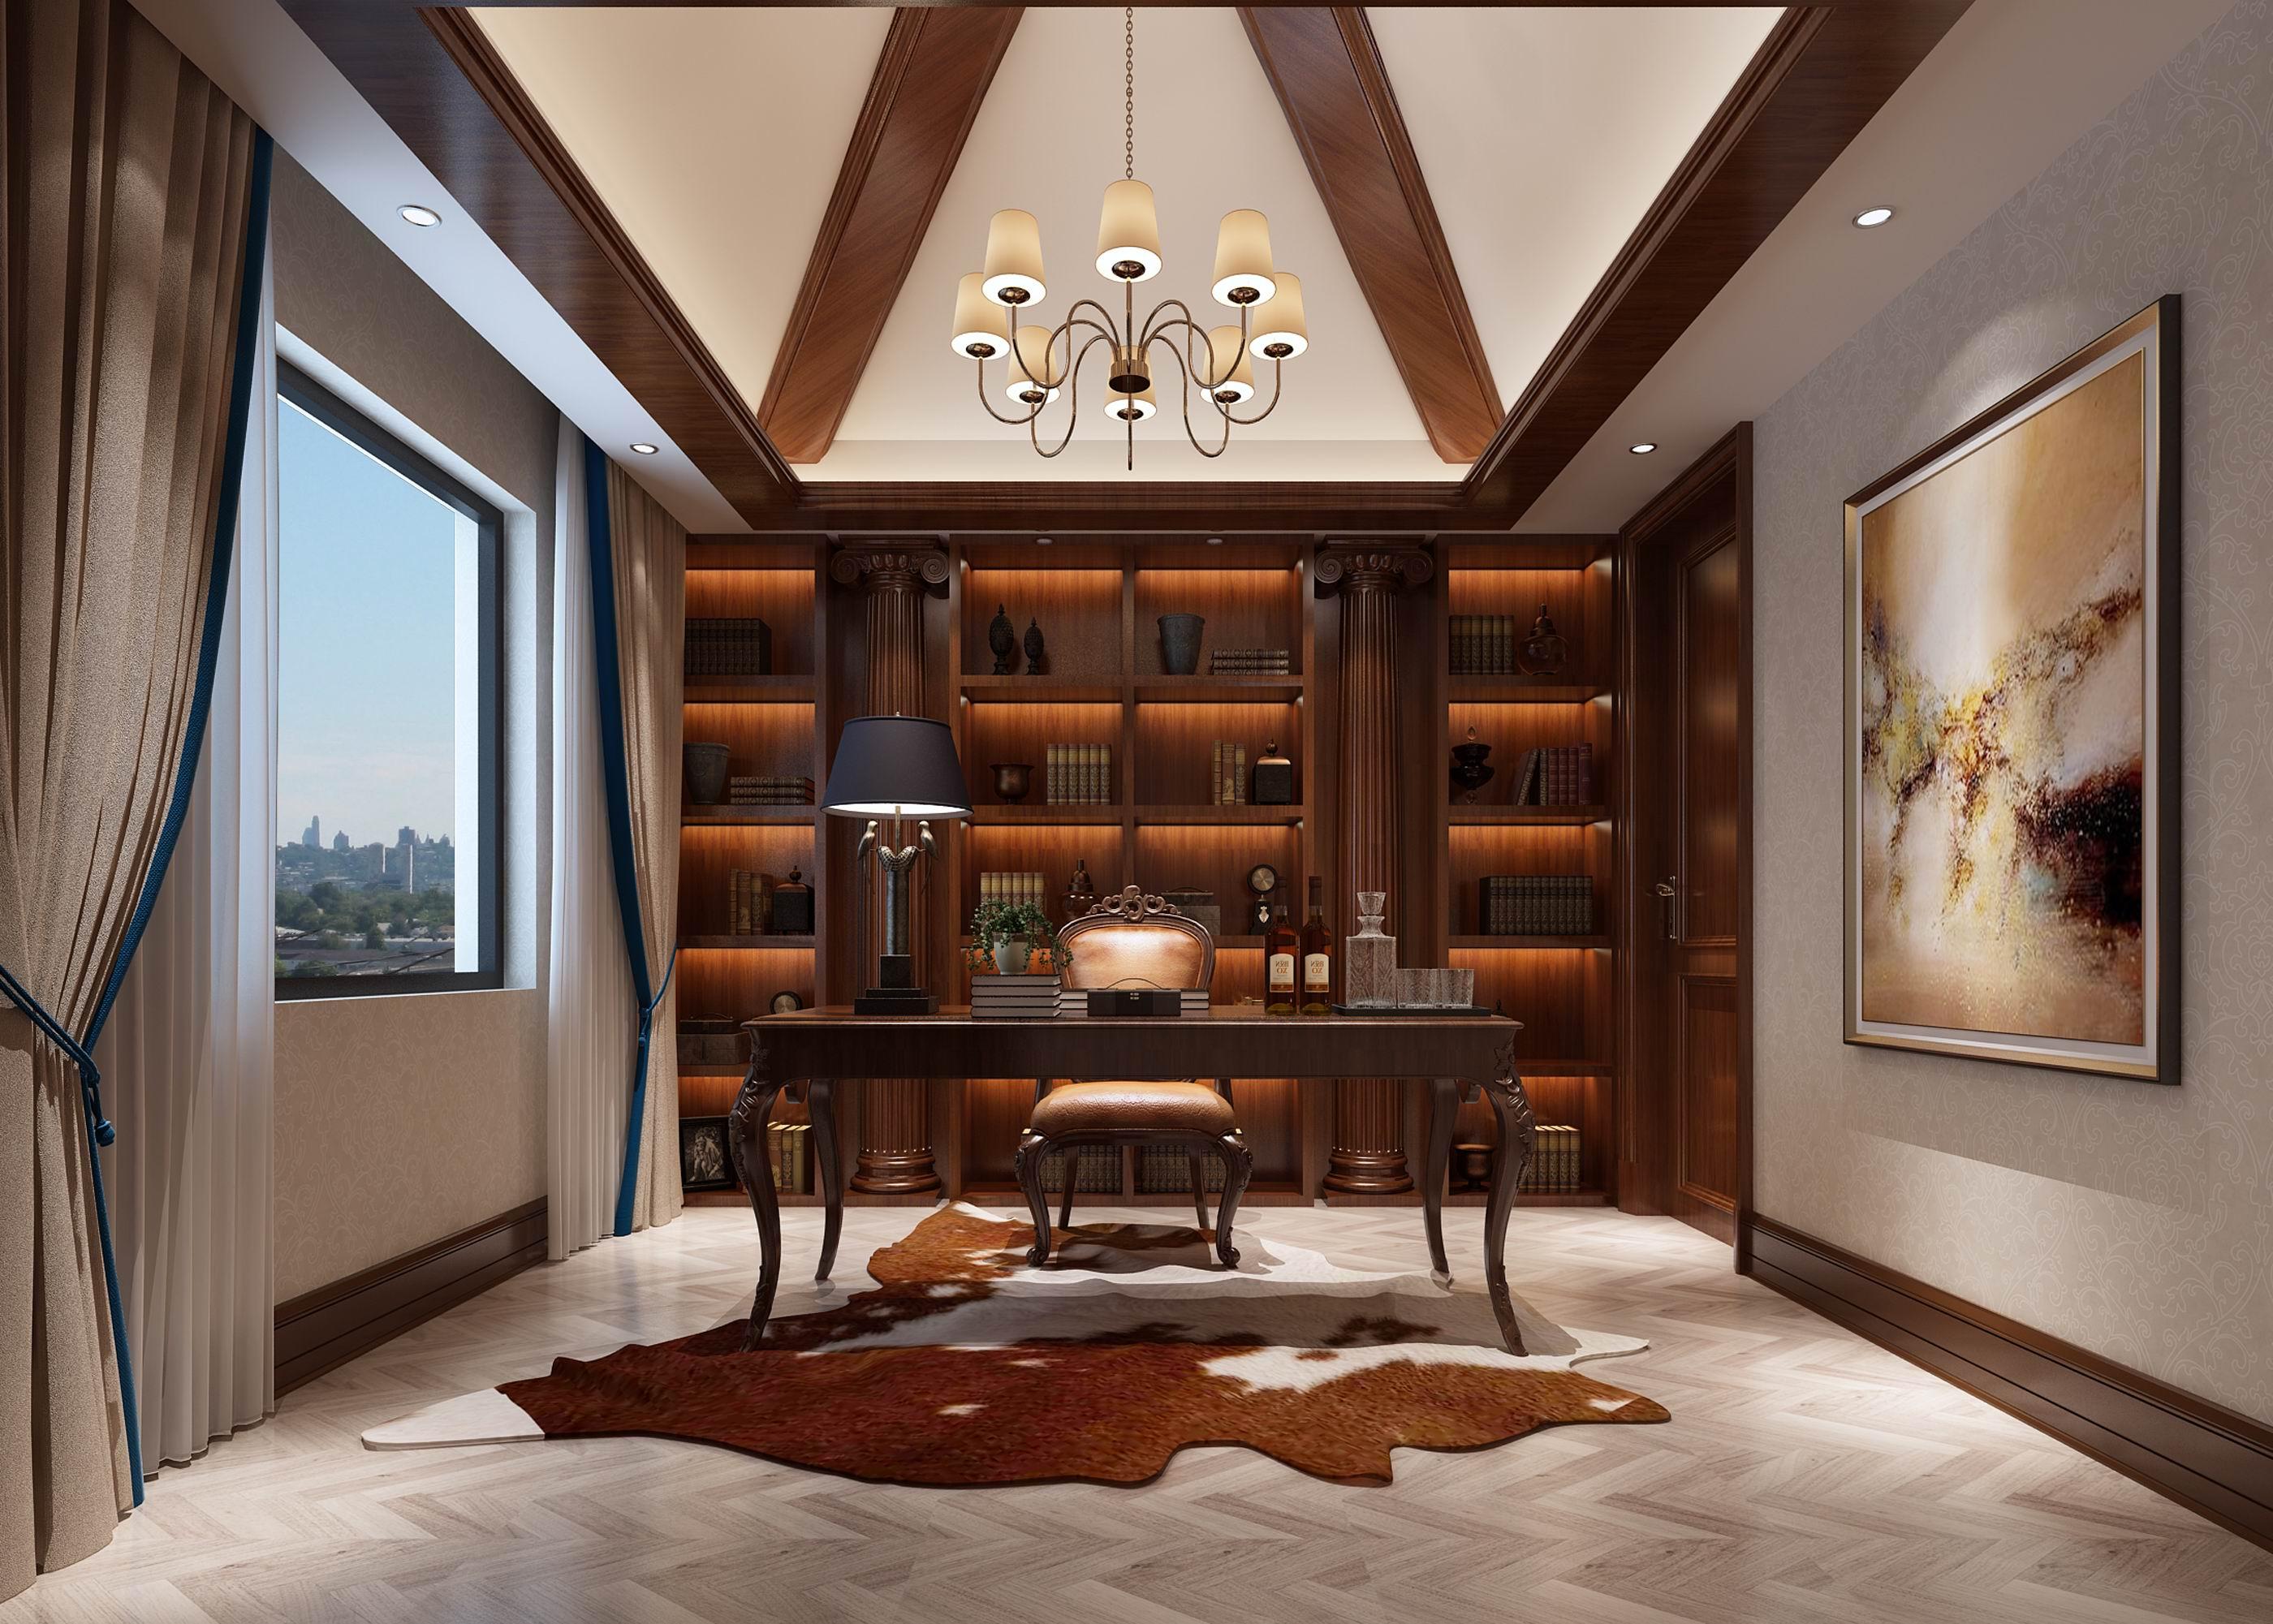 别墅 设计 装修 案例 欧式风格 书房图片来自无锡别墅设计s在奥林匹克简欧风格别墅设计案例的分享